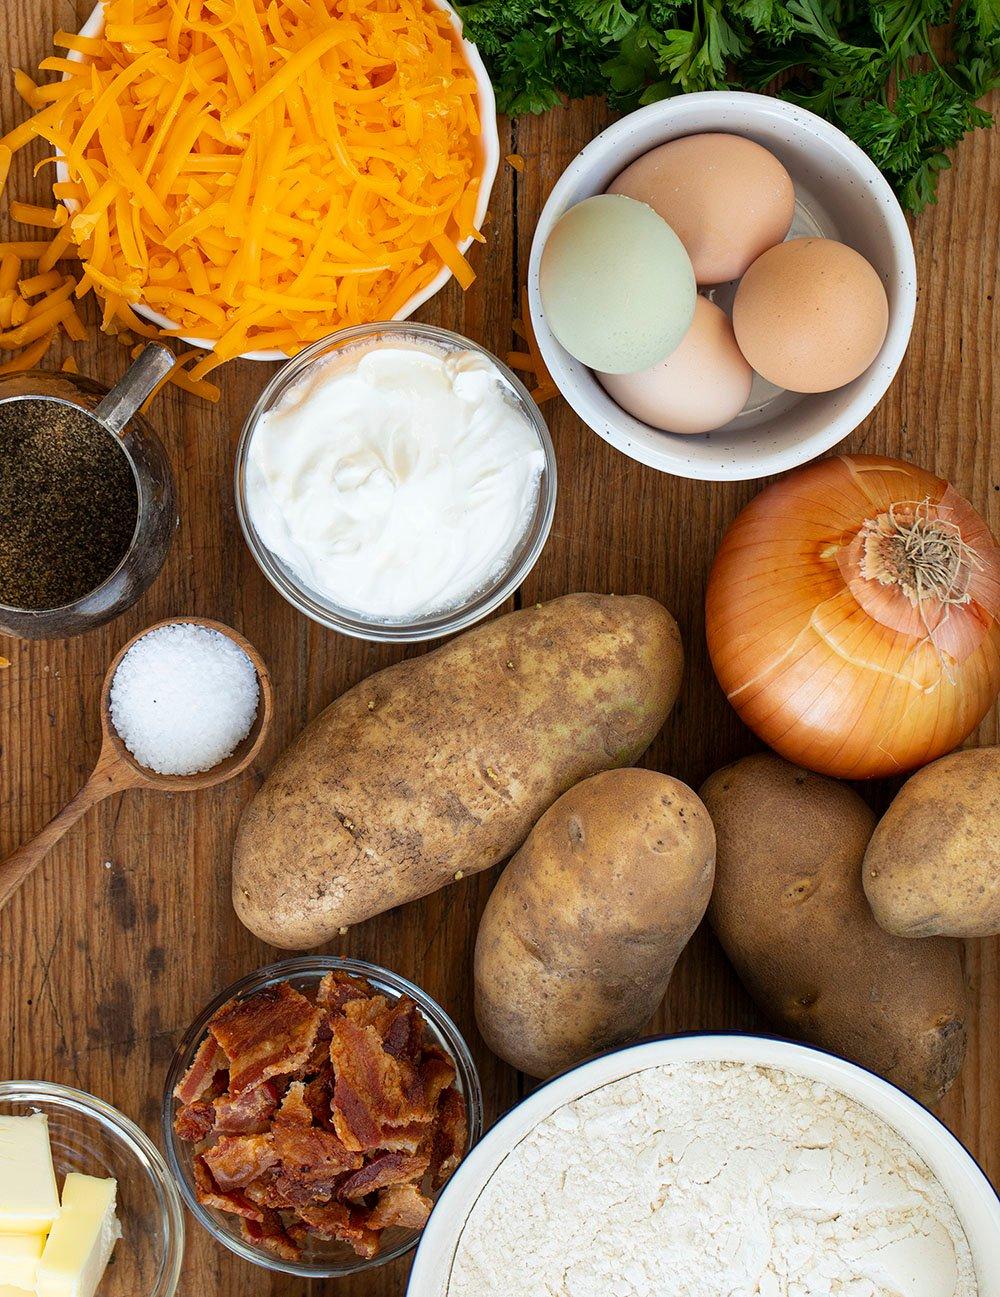 Rae Ingredients for Pierogi Ruskie (Potato and Cheese Pierogi)